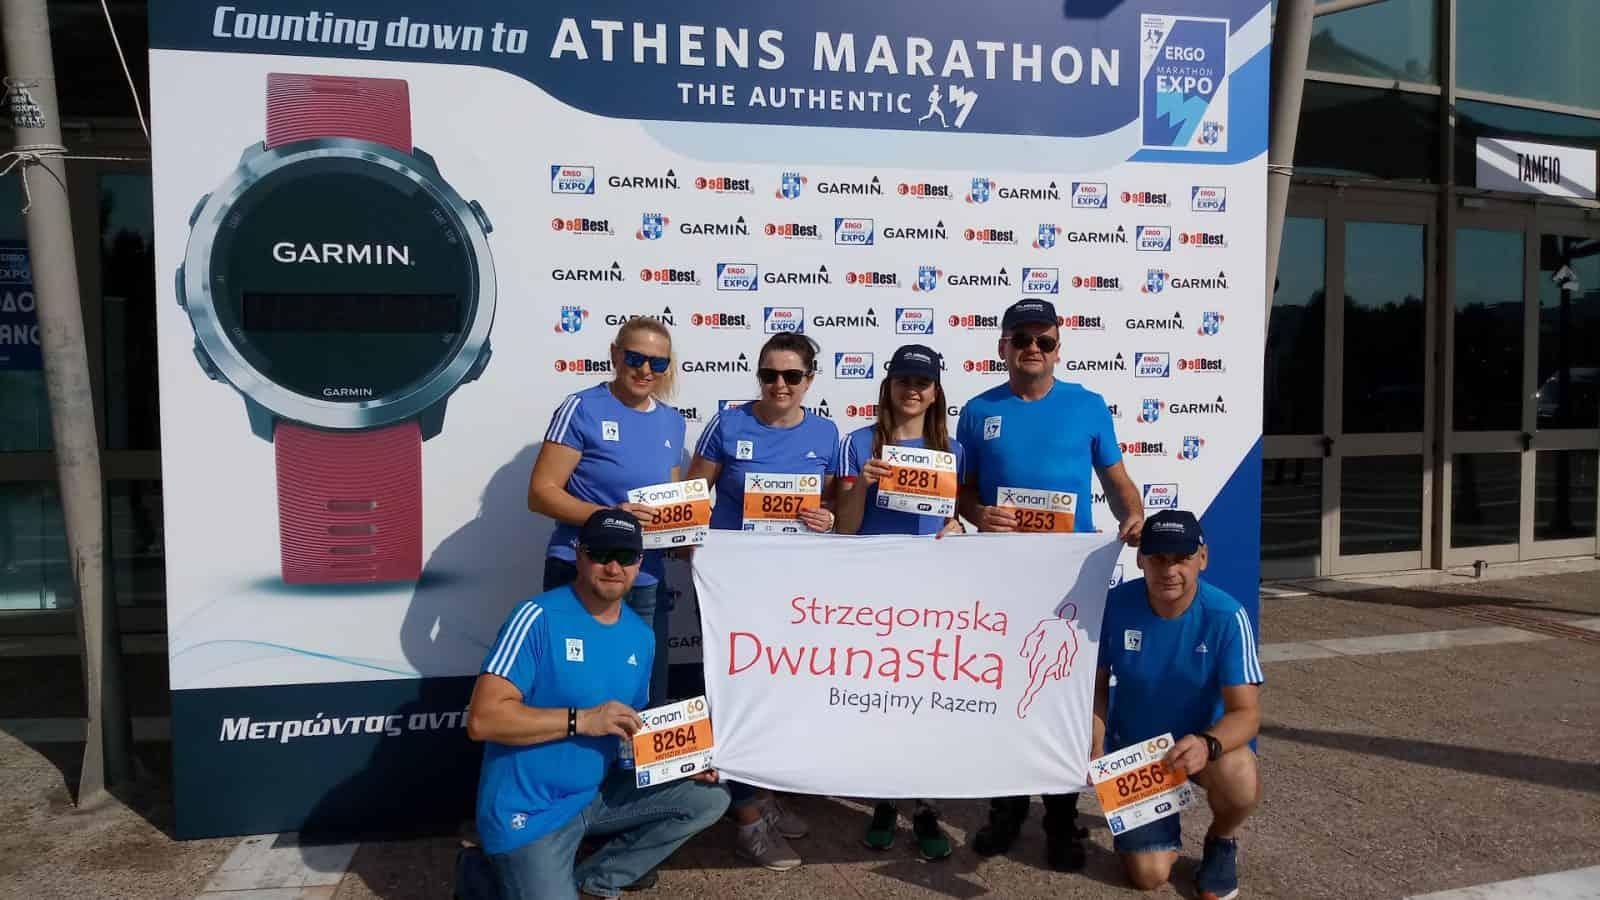 Athens Marathon The Autentic